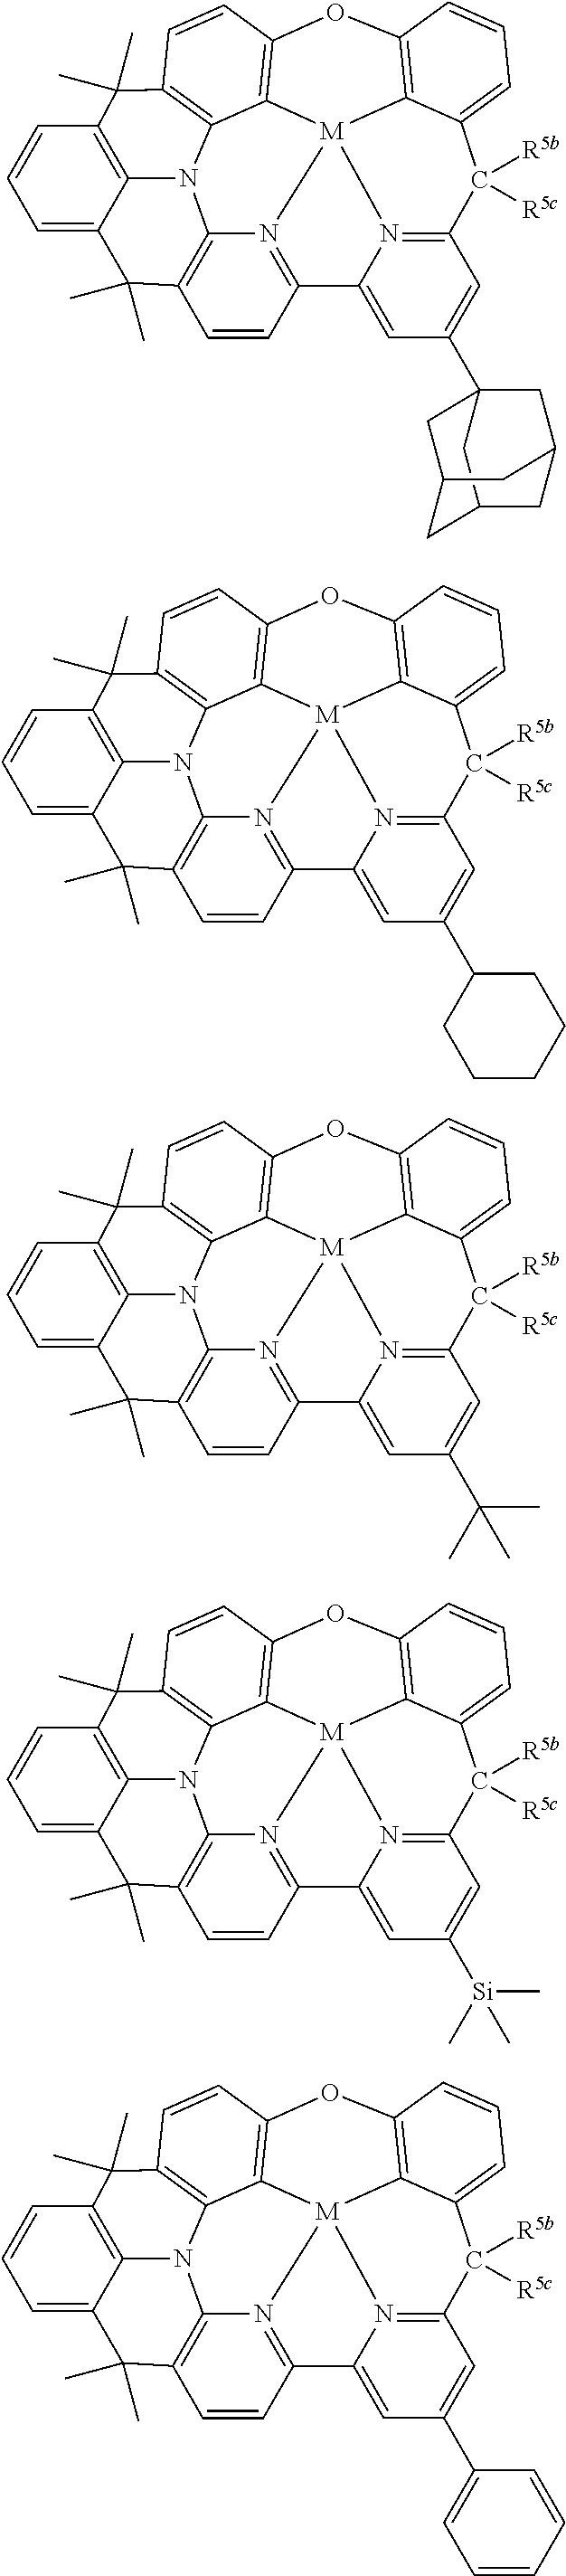 Figure US10158091-20181218-C00154